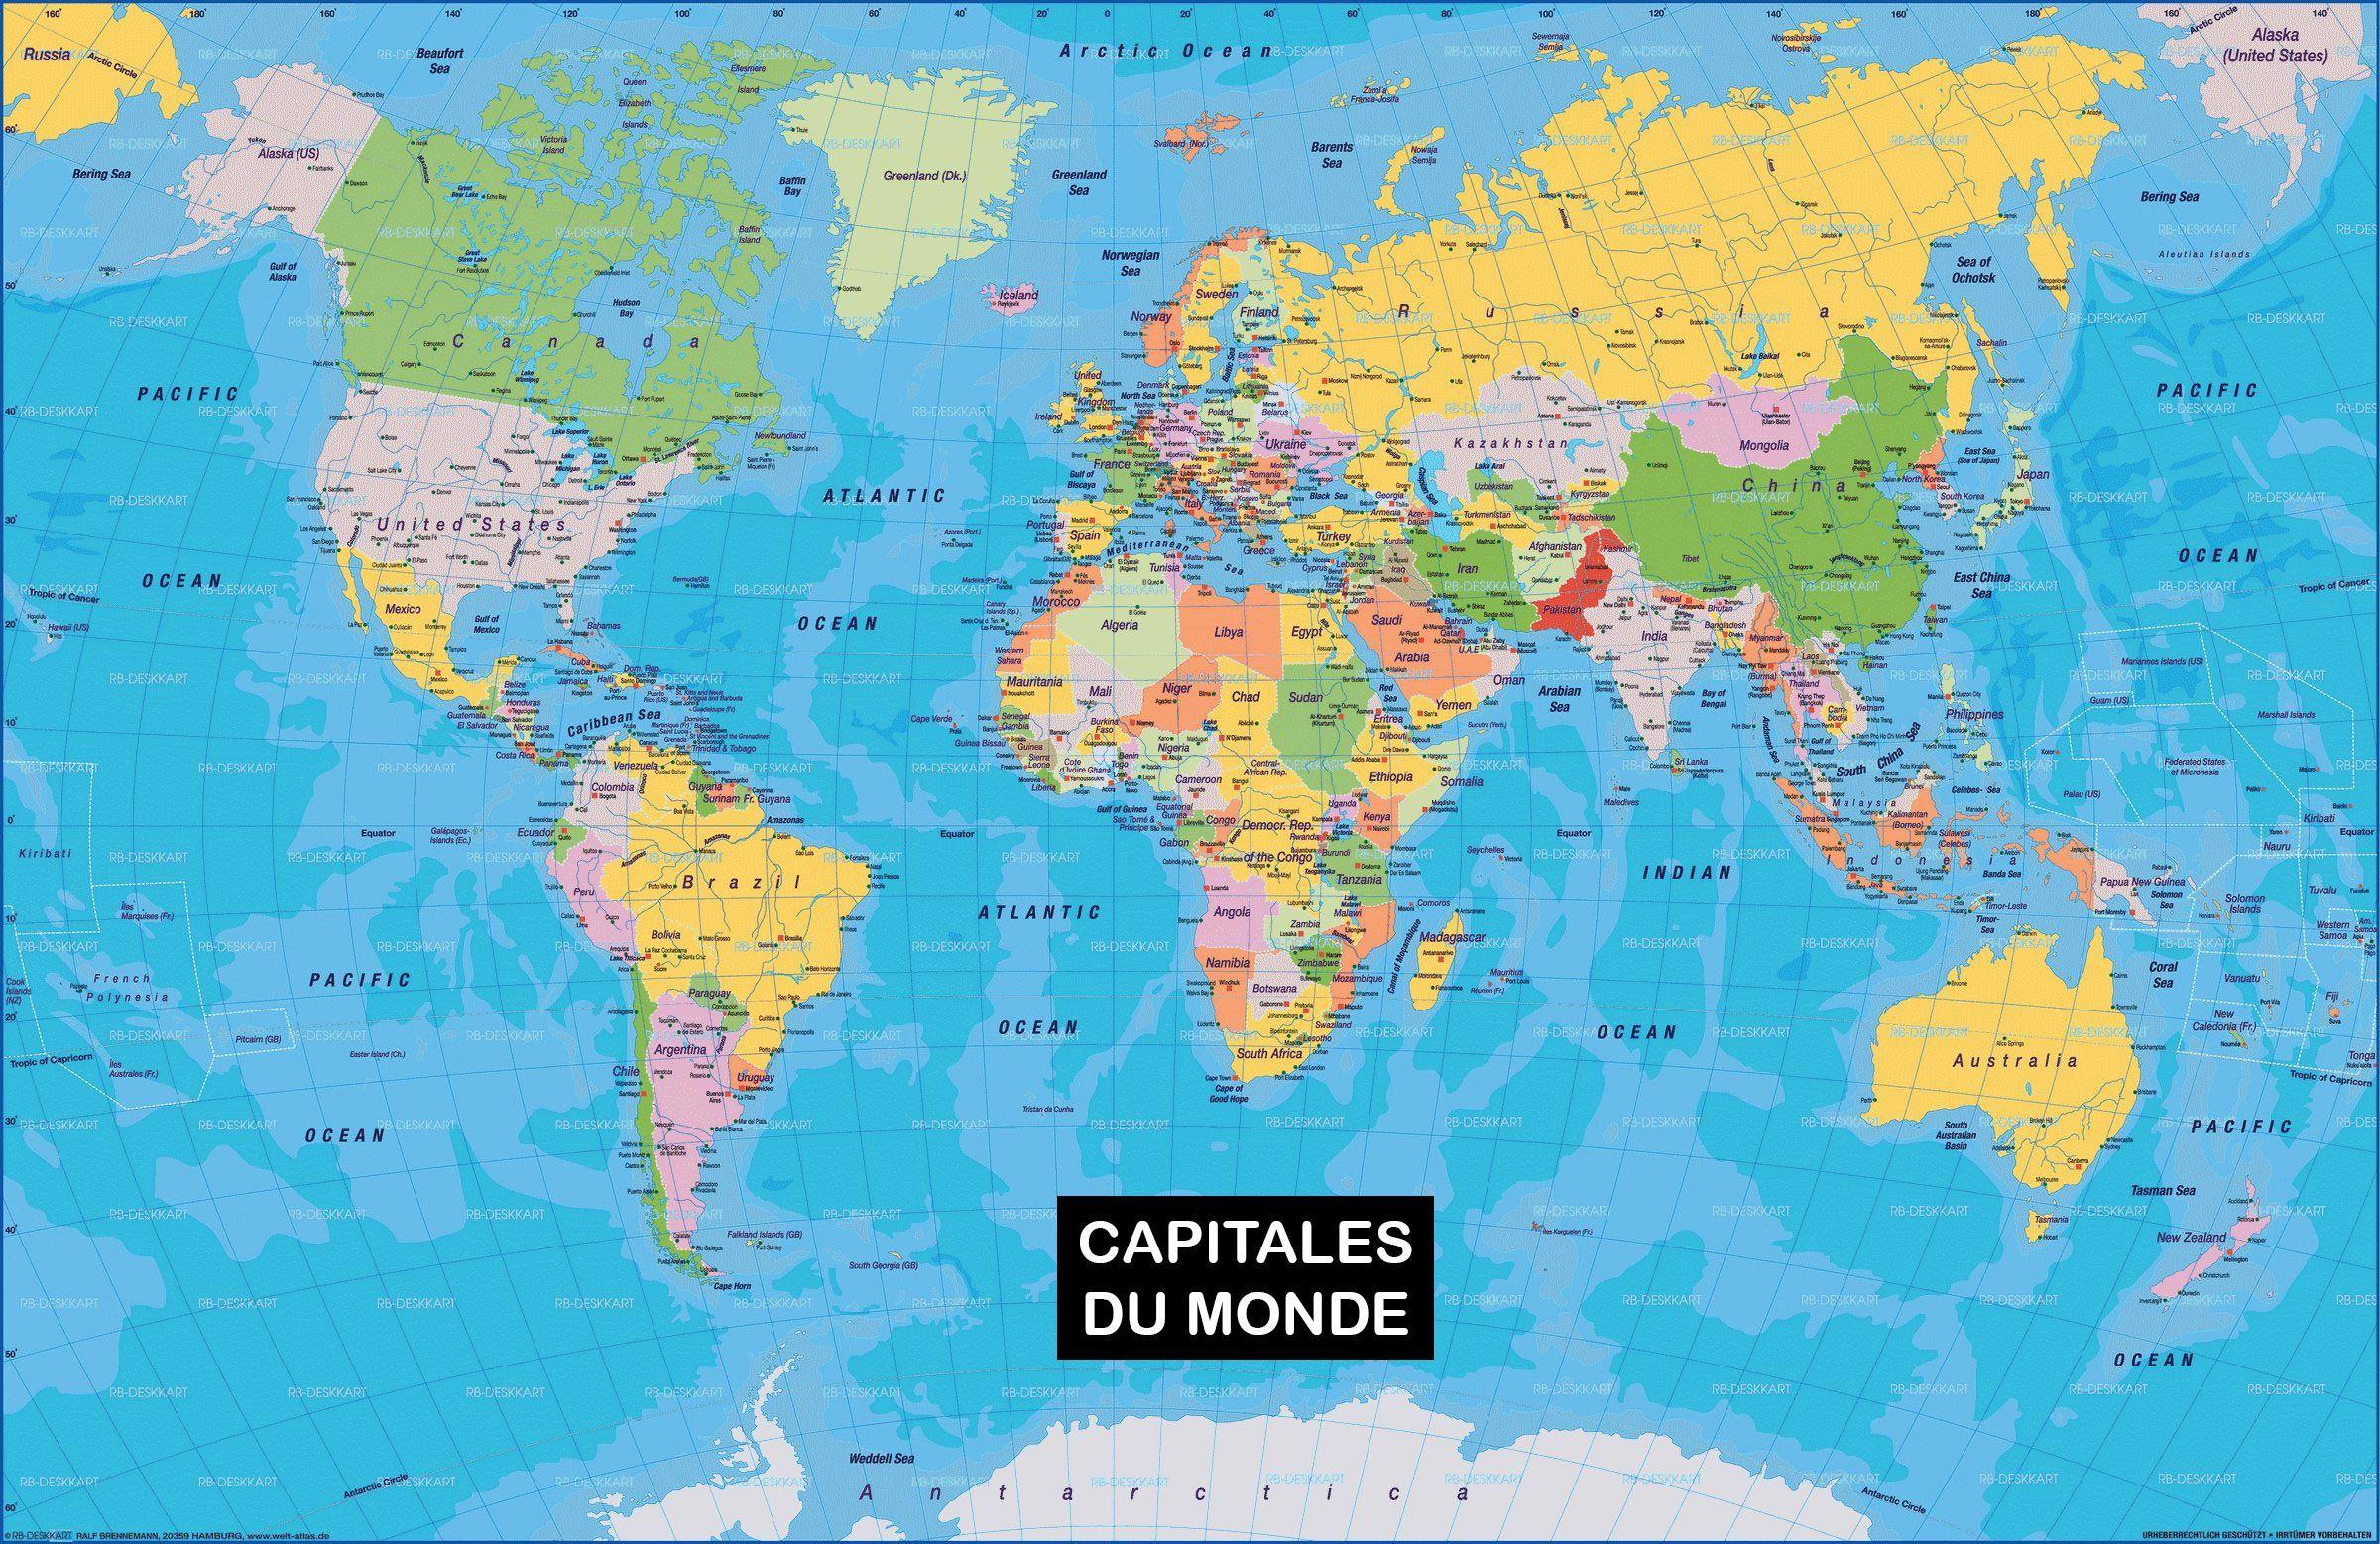 Les Capitales Du Monde | Carte Du Monde Fond D'écran, Carte à Carte Du Monde Avec Capitales Et Pays